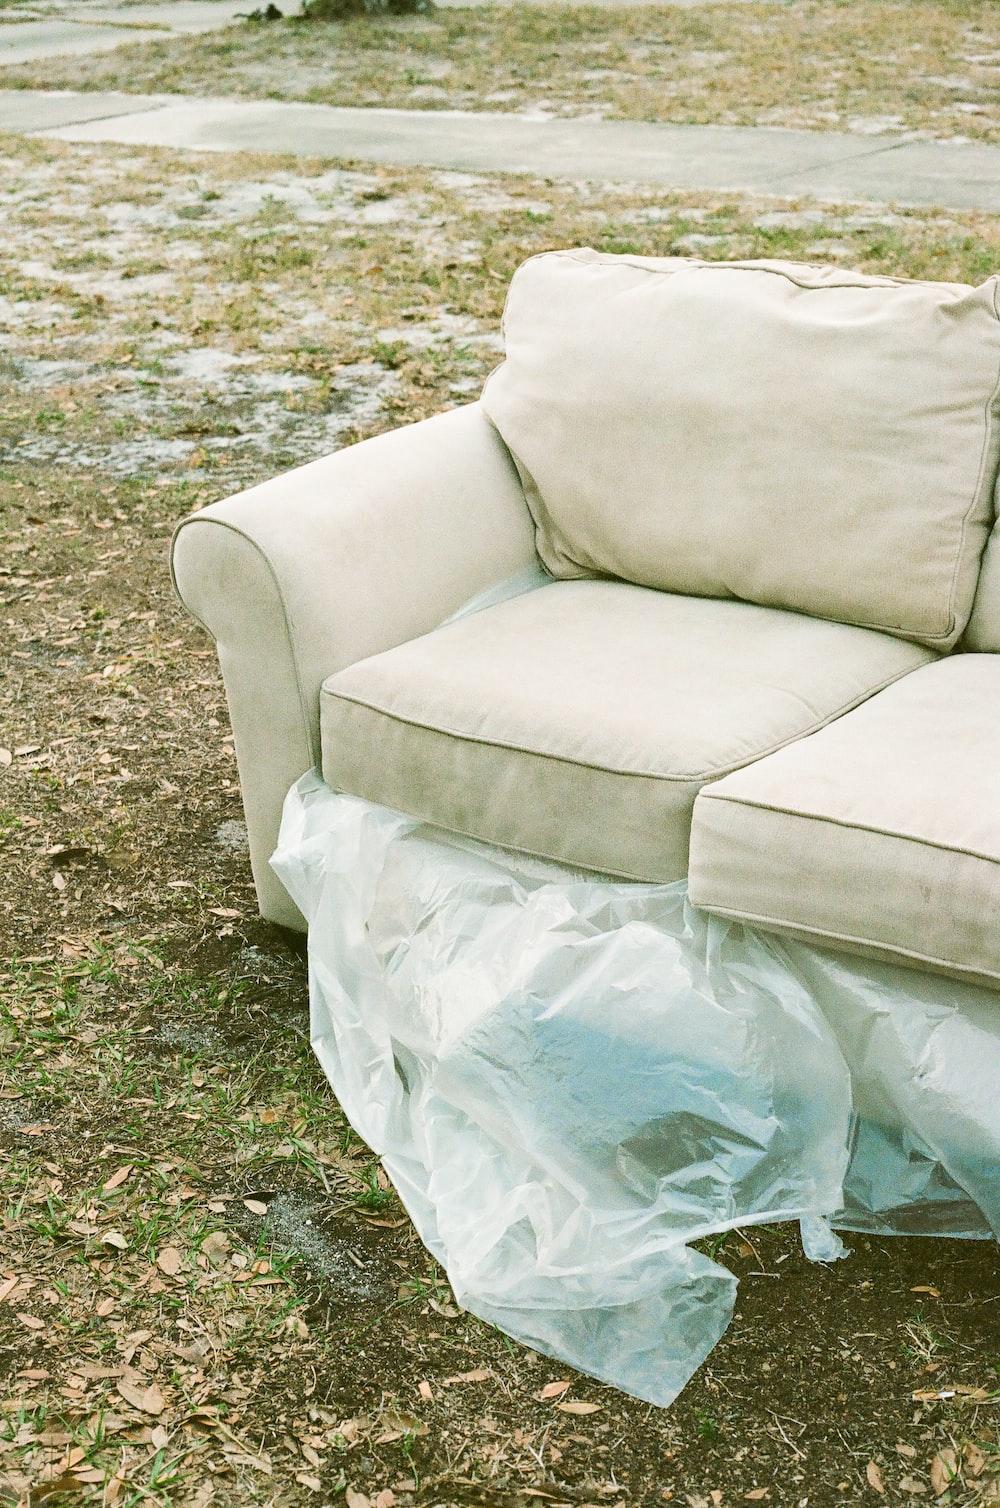 white sofa chair on green grass